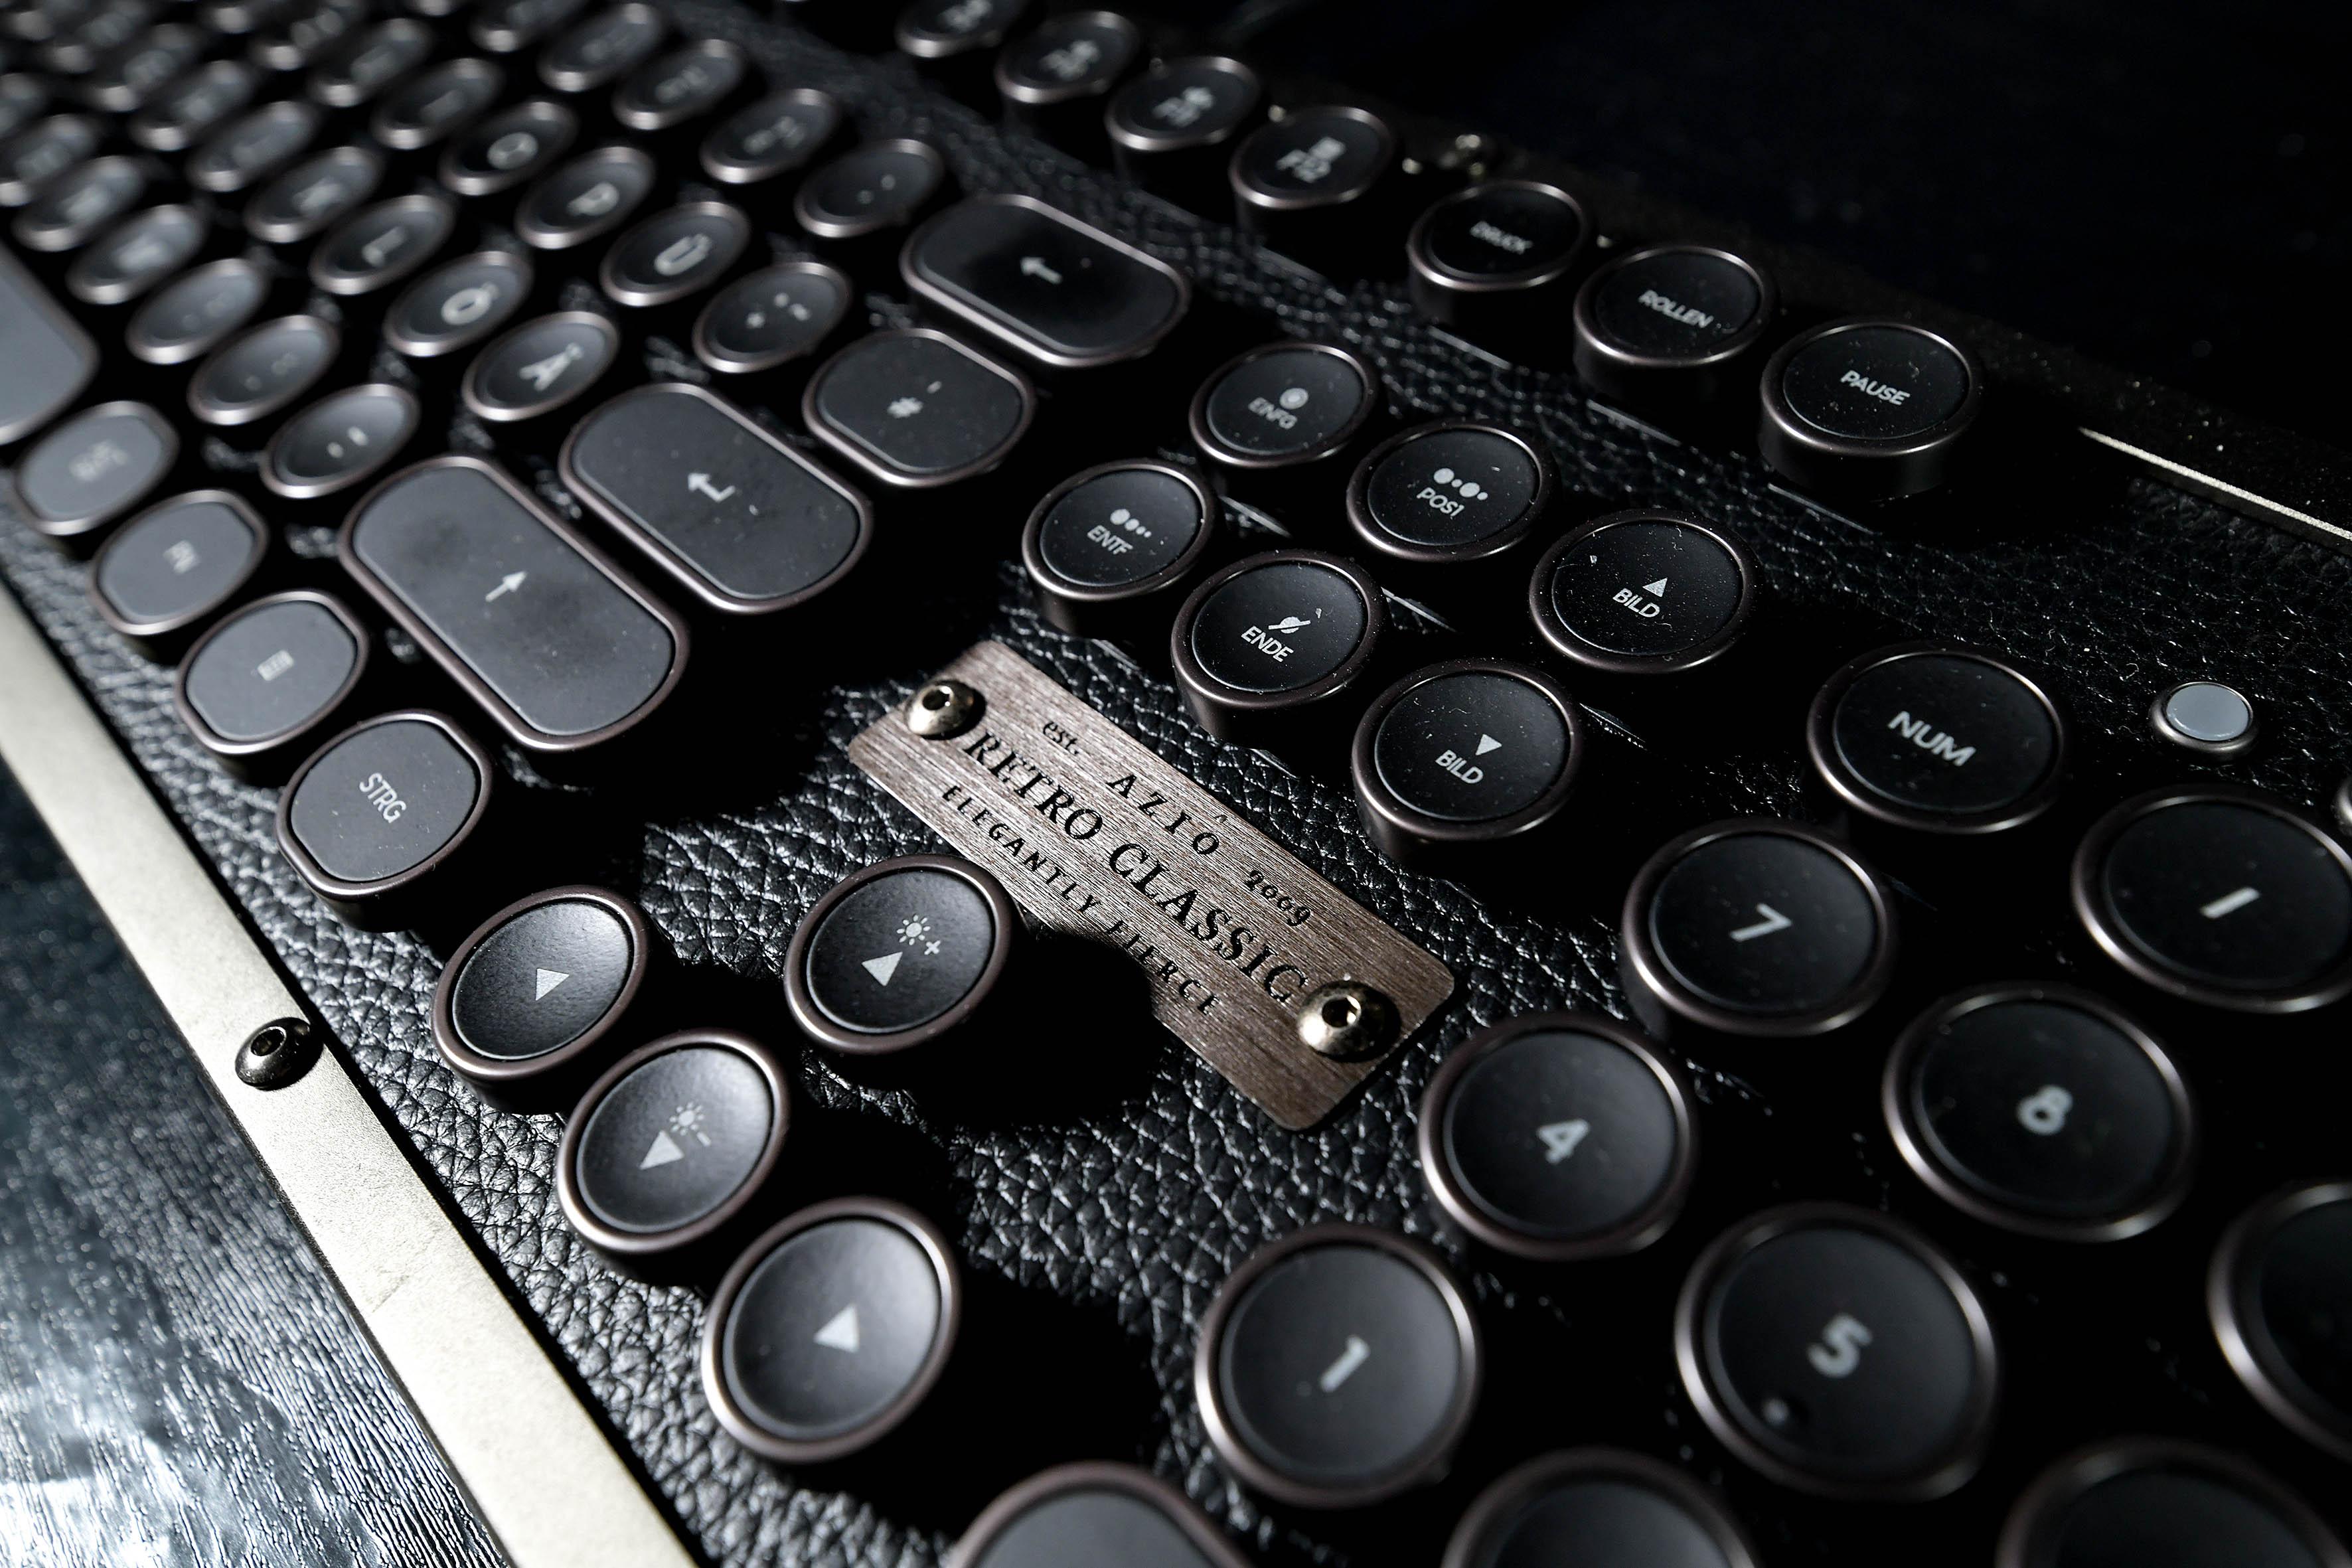 """Foto: Michael B. Rehders - Diese Tastatur von Azio namens """"Retro Classic"""" macht sich wirklich gut in meinem Studio, weil sie nicht nur optisch ein Hingucker ist, sondern die Tastatur auch einen angenehmen Anschlag besitzt. Das Logo besteht aus gebürstetem, eloxiertem Aluminium."""